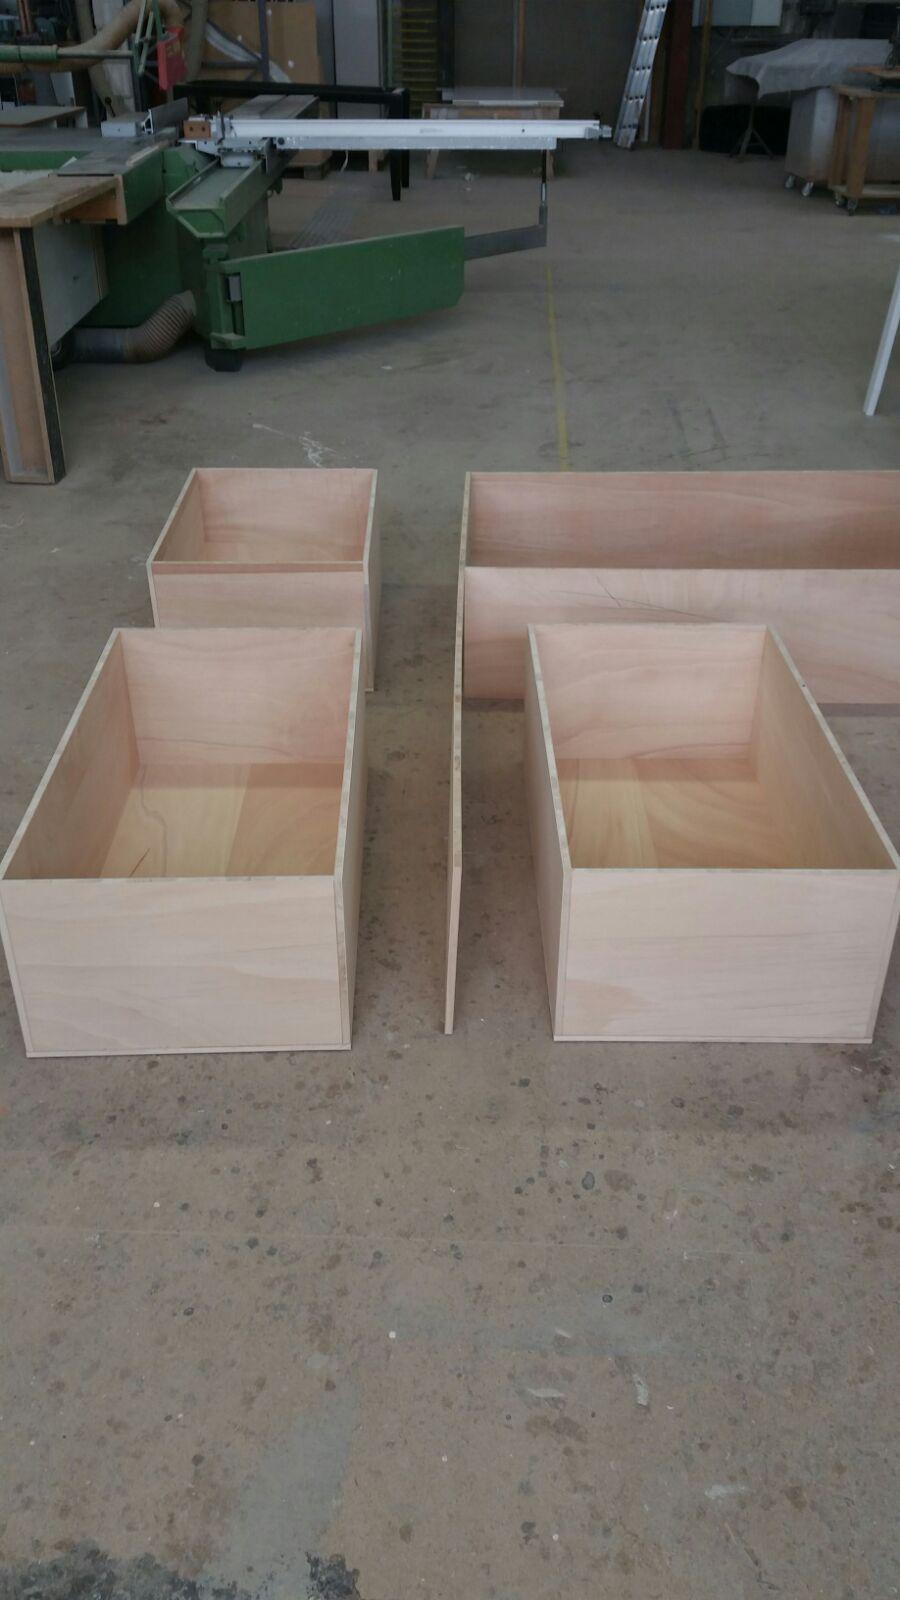 Die vorbereiteten Kisten